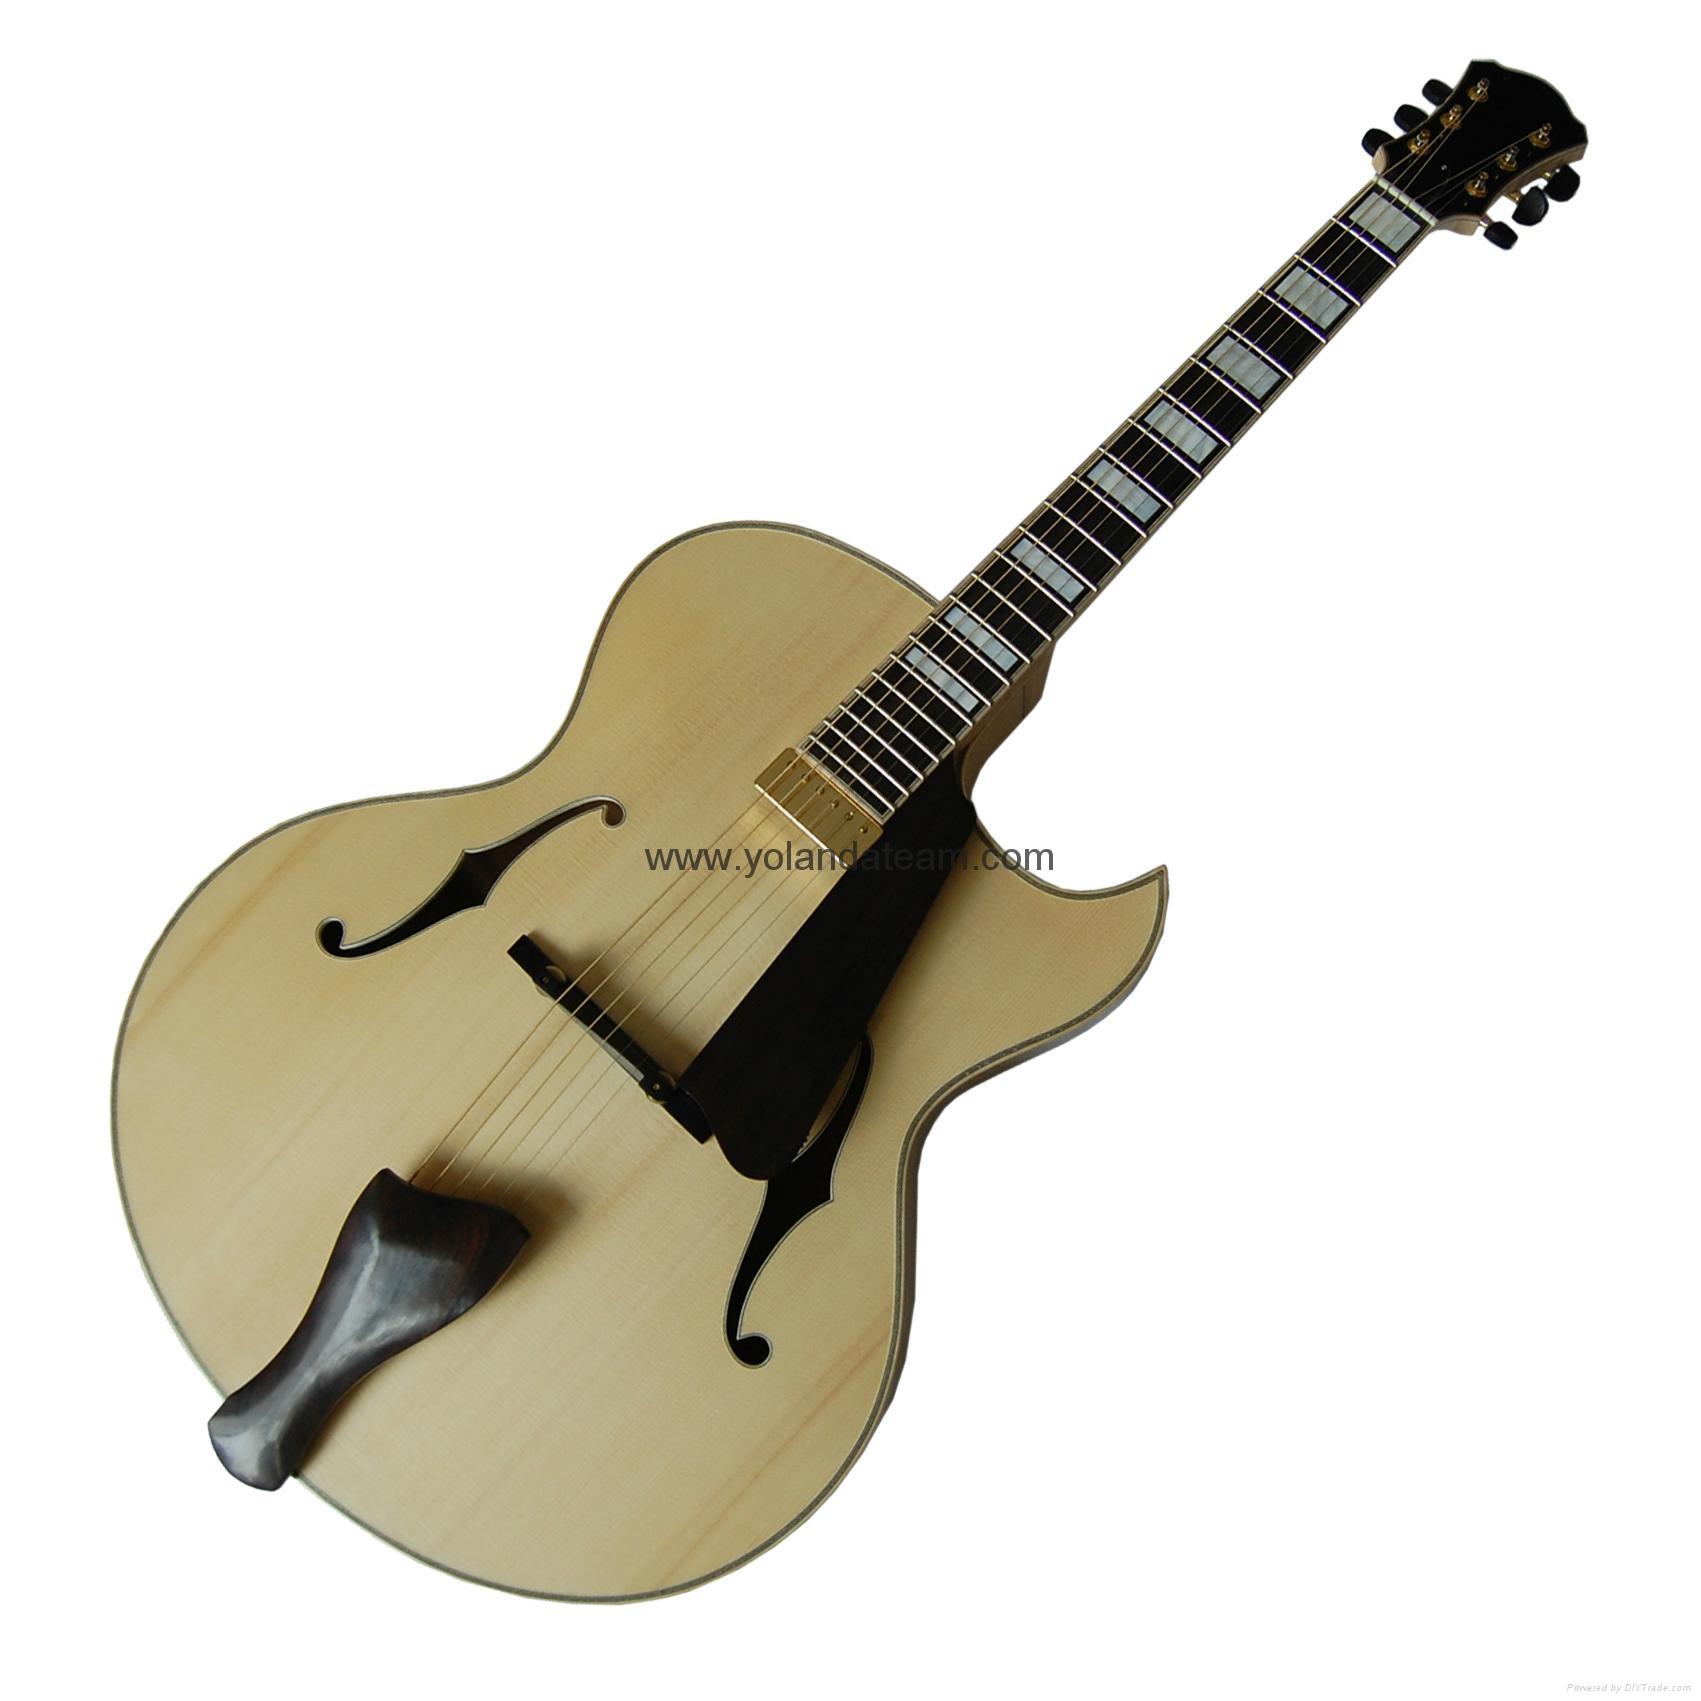 17寸尖角爵士吉他 1